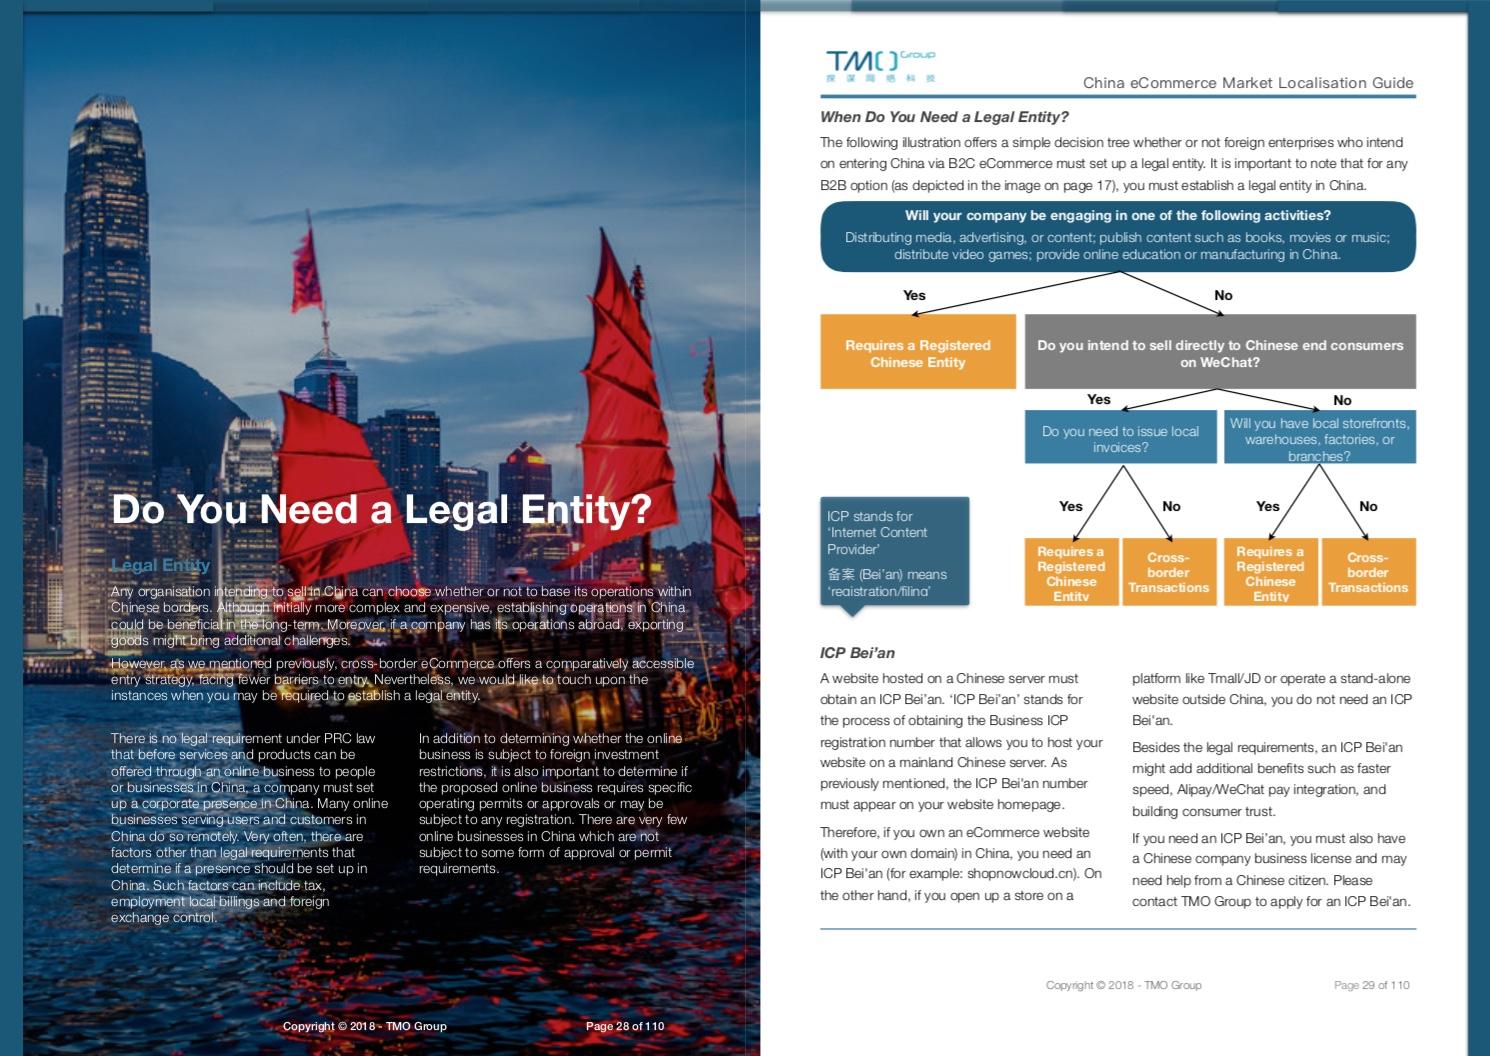 china ecommerce market localisation guide